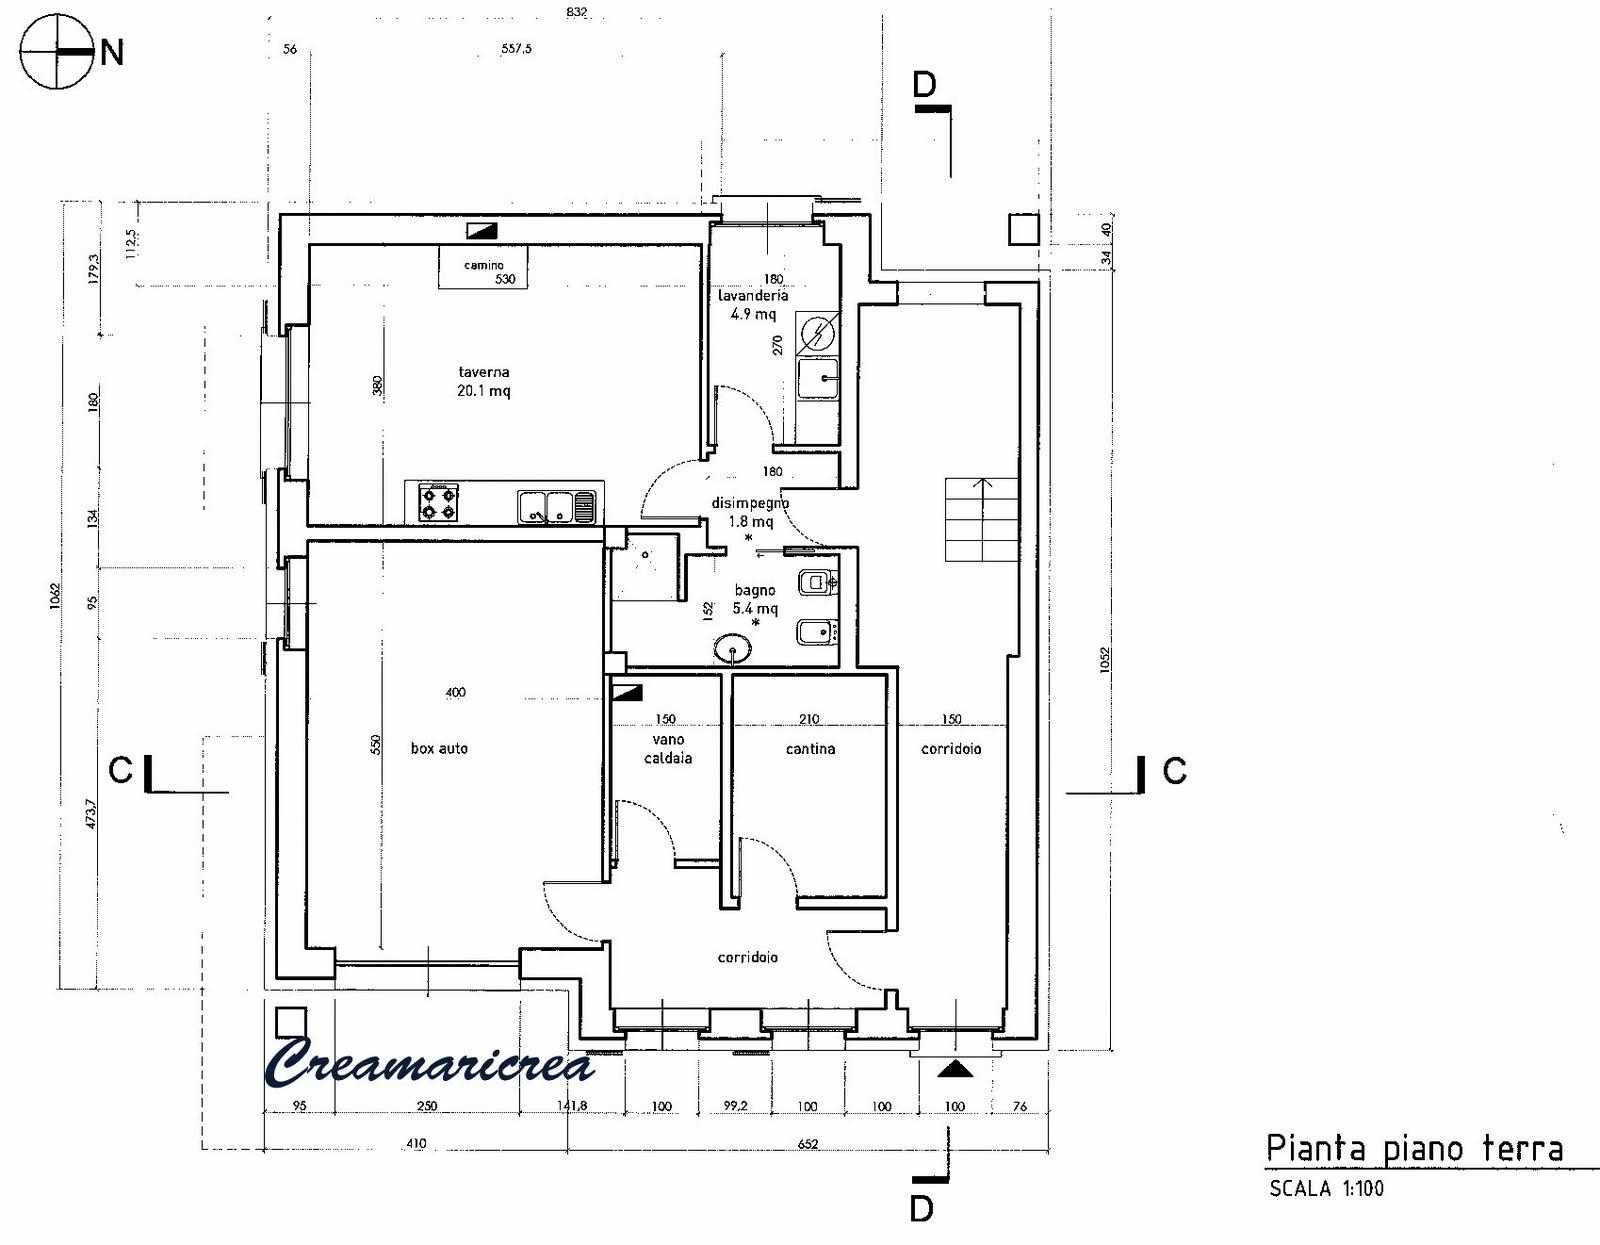 creamaricrea la mia casa progetto le planimetrie